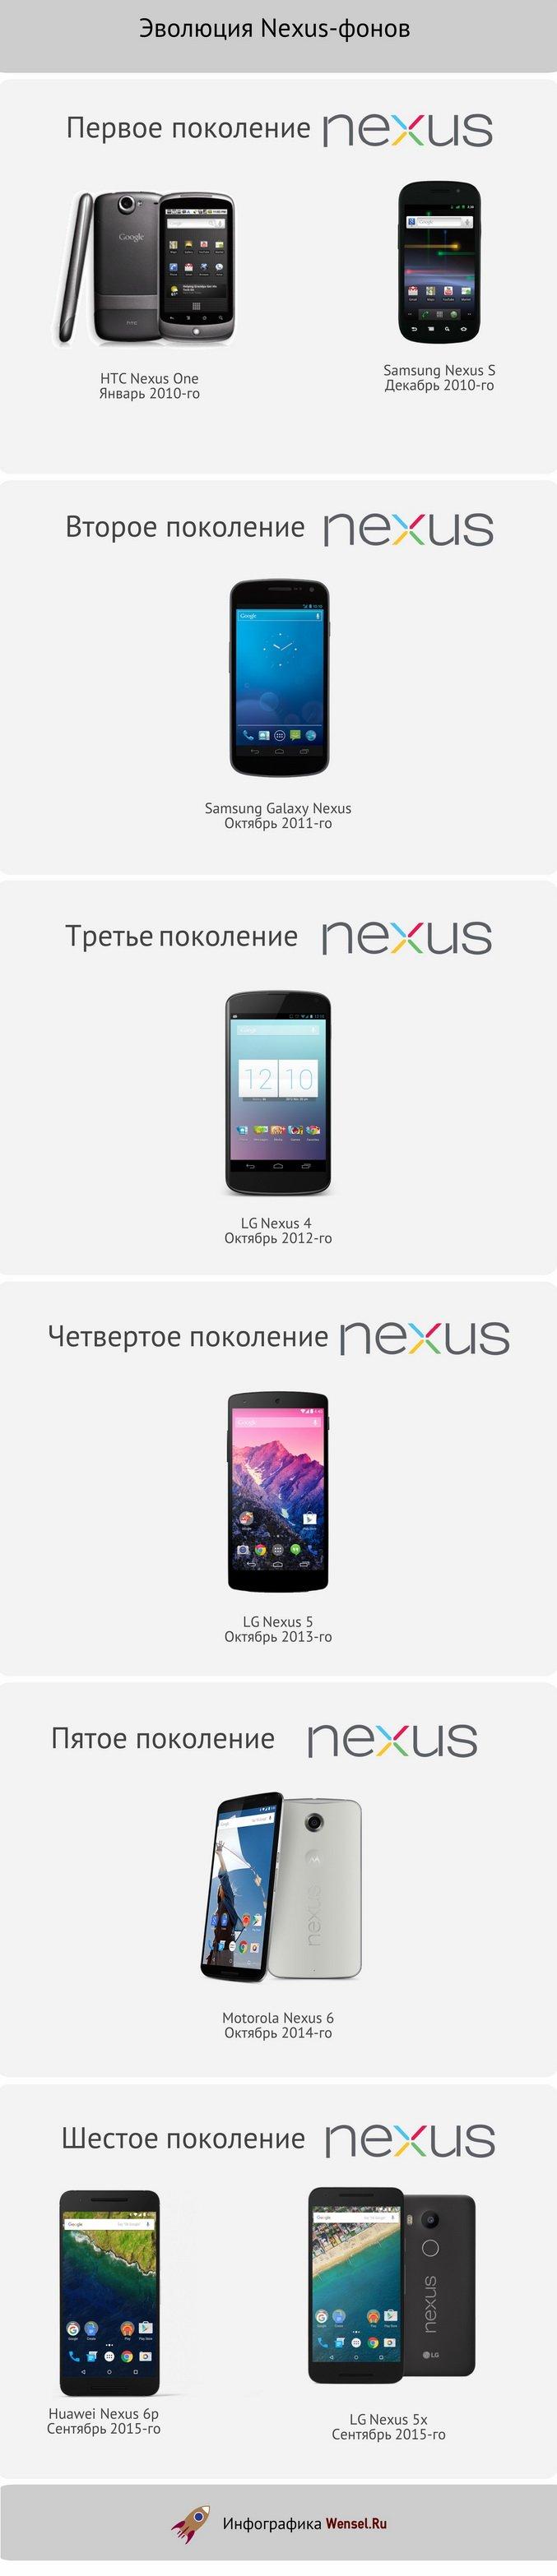 Эволюция смартфонов Google Nexus от HTC Nexus One до LG Nexus 5x и Nexus 6p